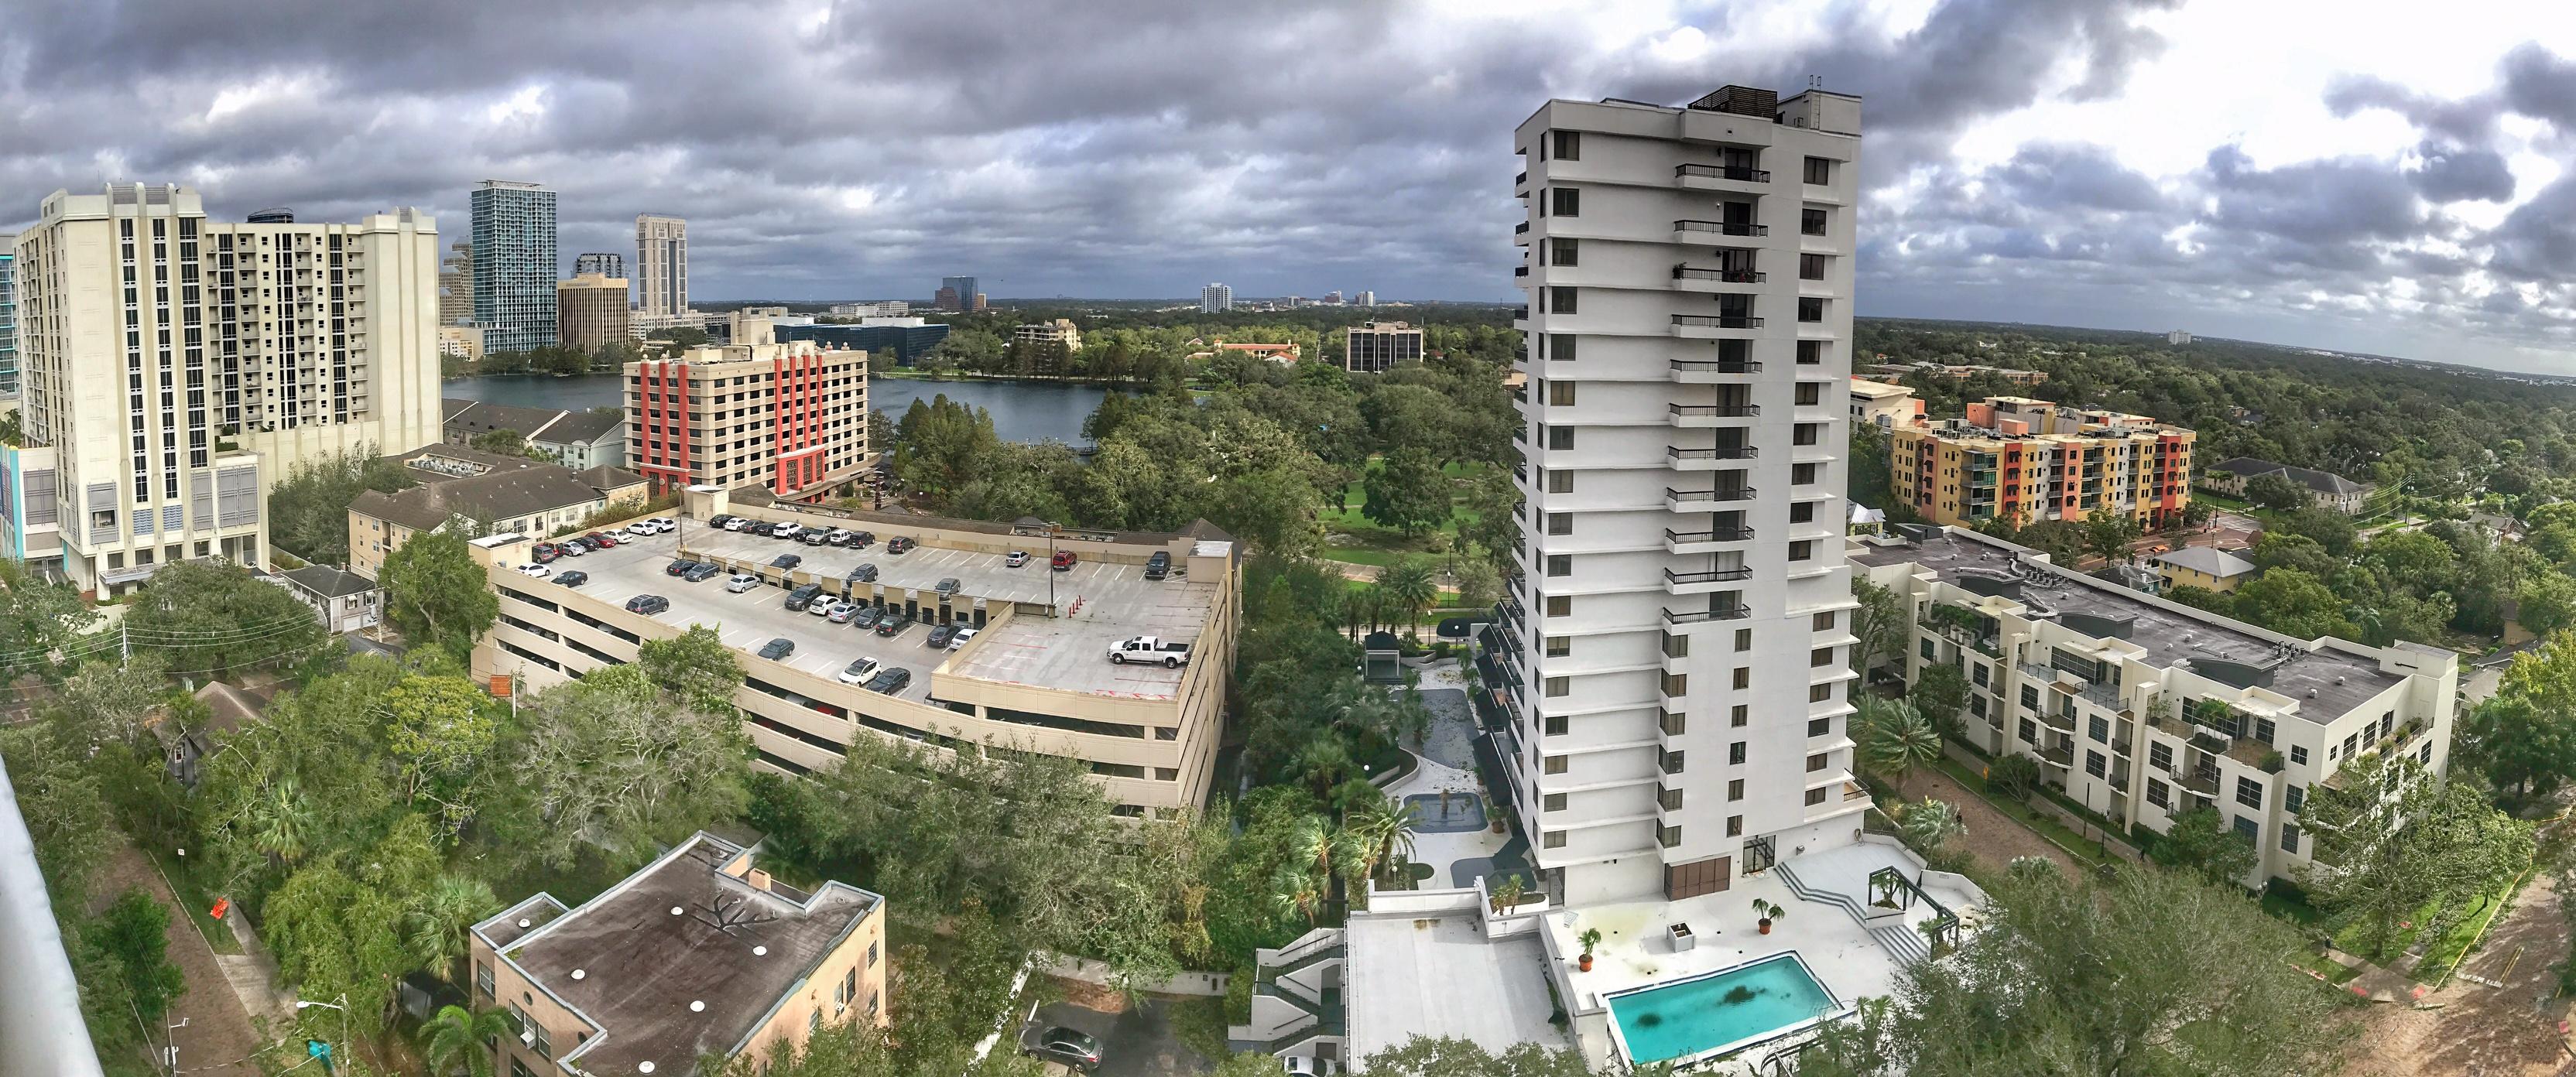 Hurricane Irma Is No Match For Downtown Orlando Condos